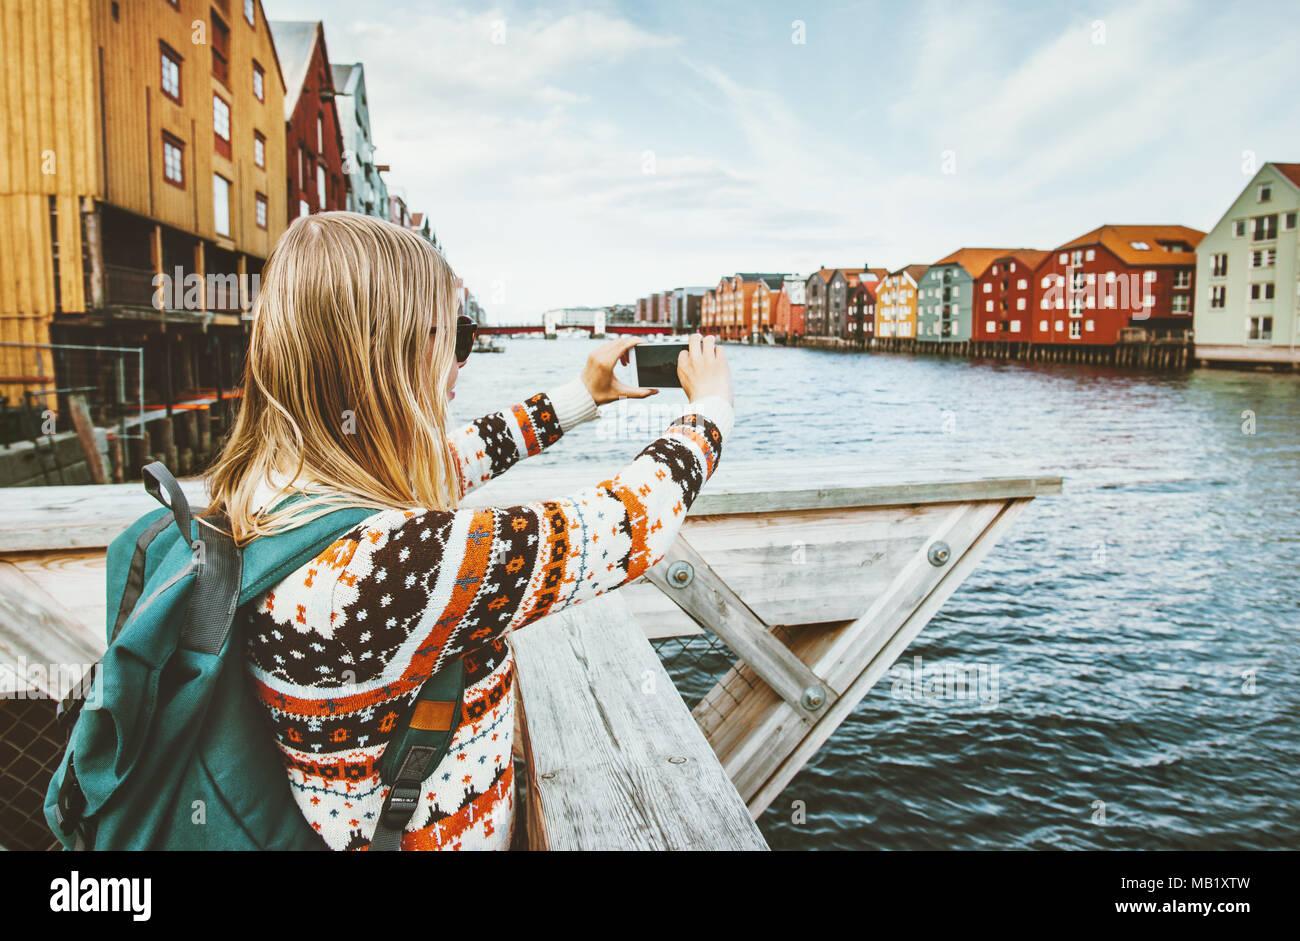 Touristische Frau unter Foto von smartphone Sightseeing in Norwegen Lifestyle Urlaub im Freien skandinavischen bunte Häuser Wahrzeichen Trondheim Stadt arch Stockbild